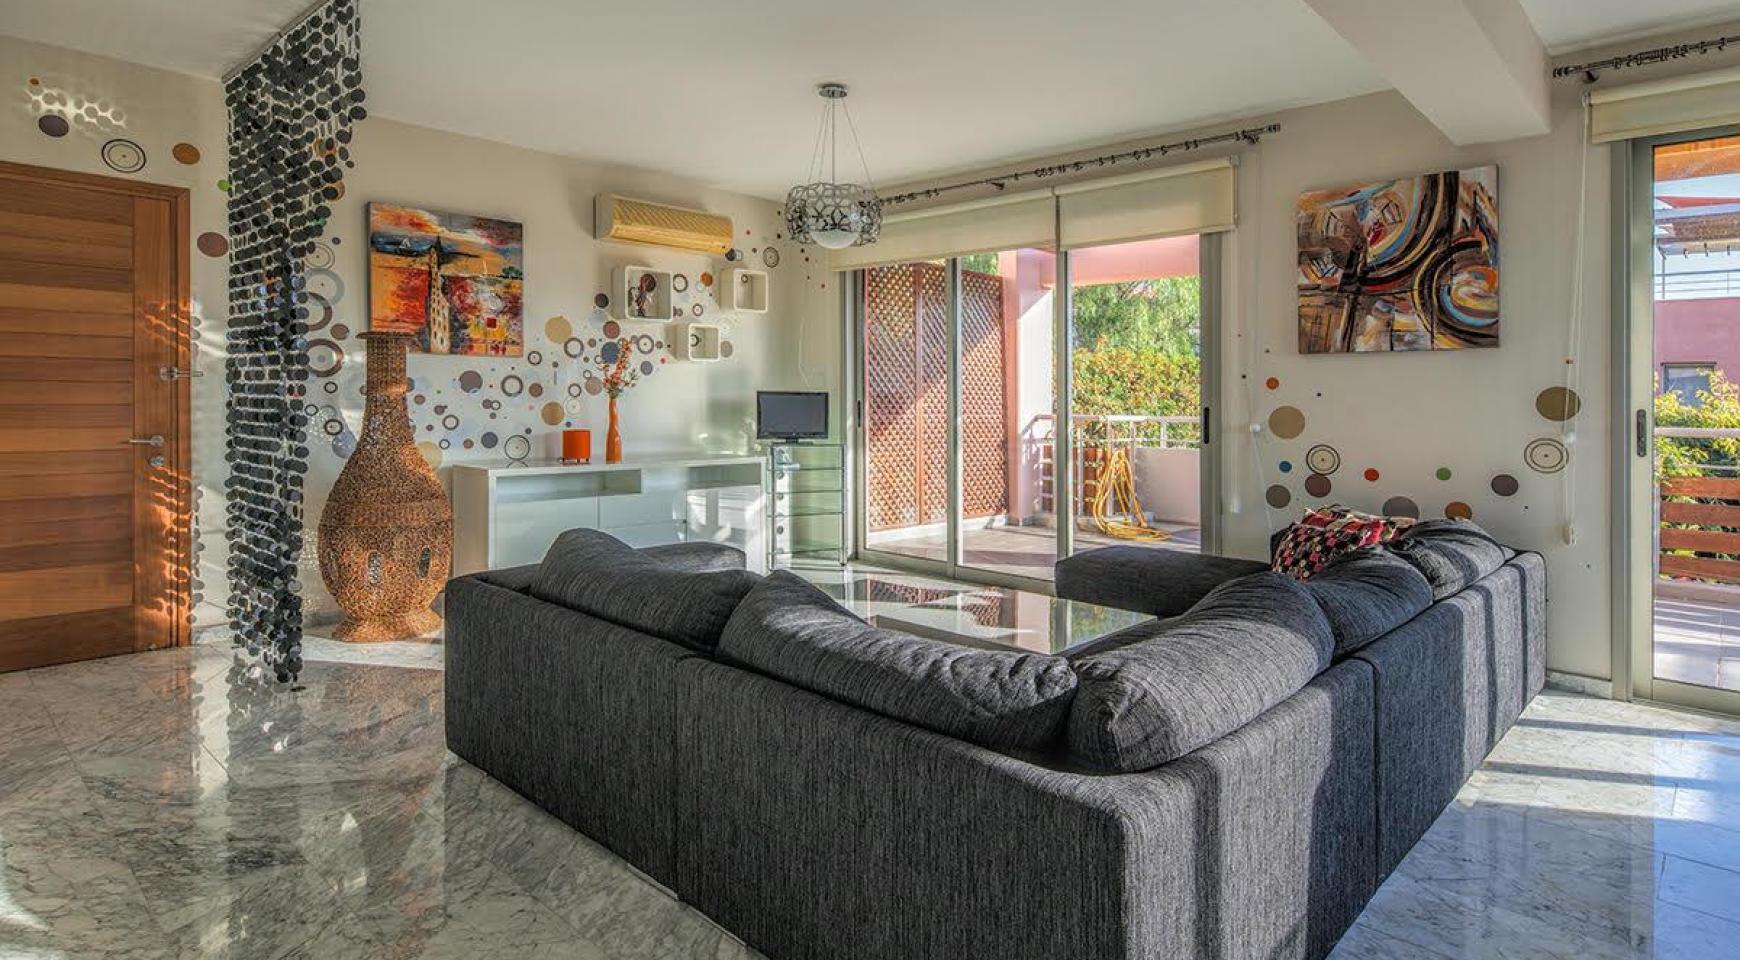 2 Bedroom Duplex Apartment in a Prestigious Complex near the Sea - 3